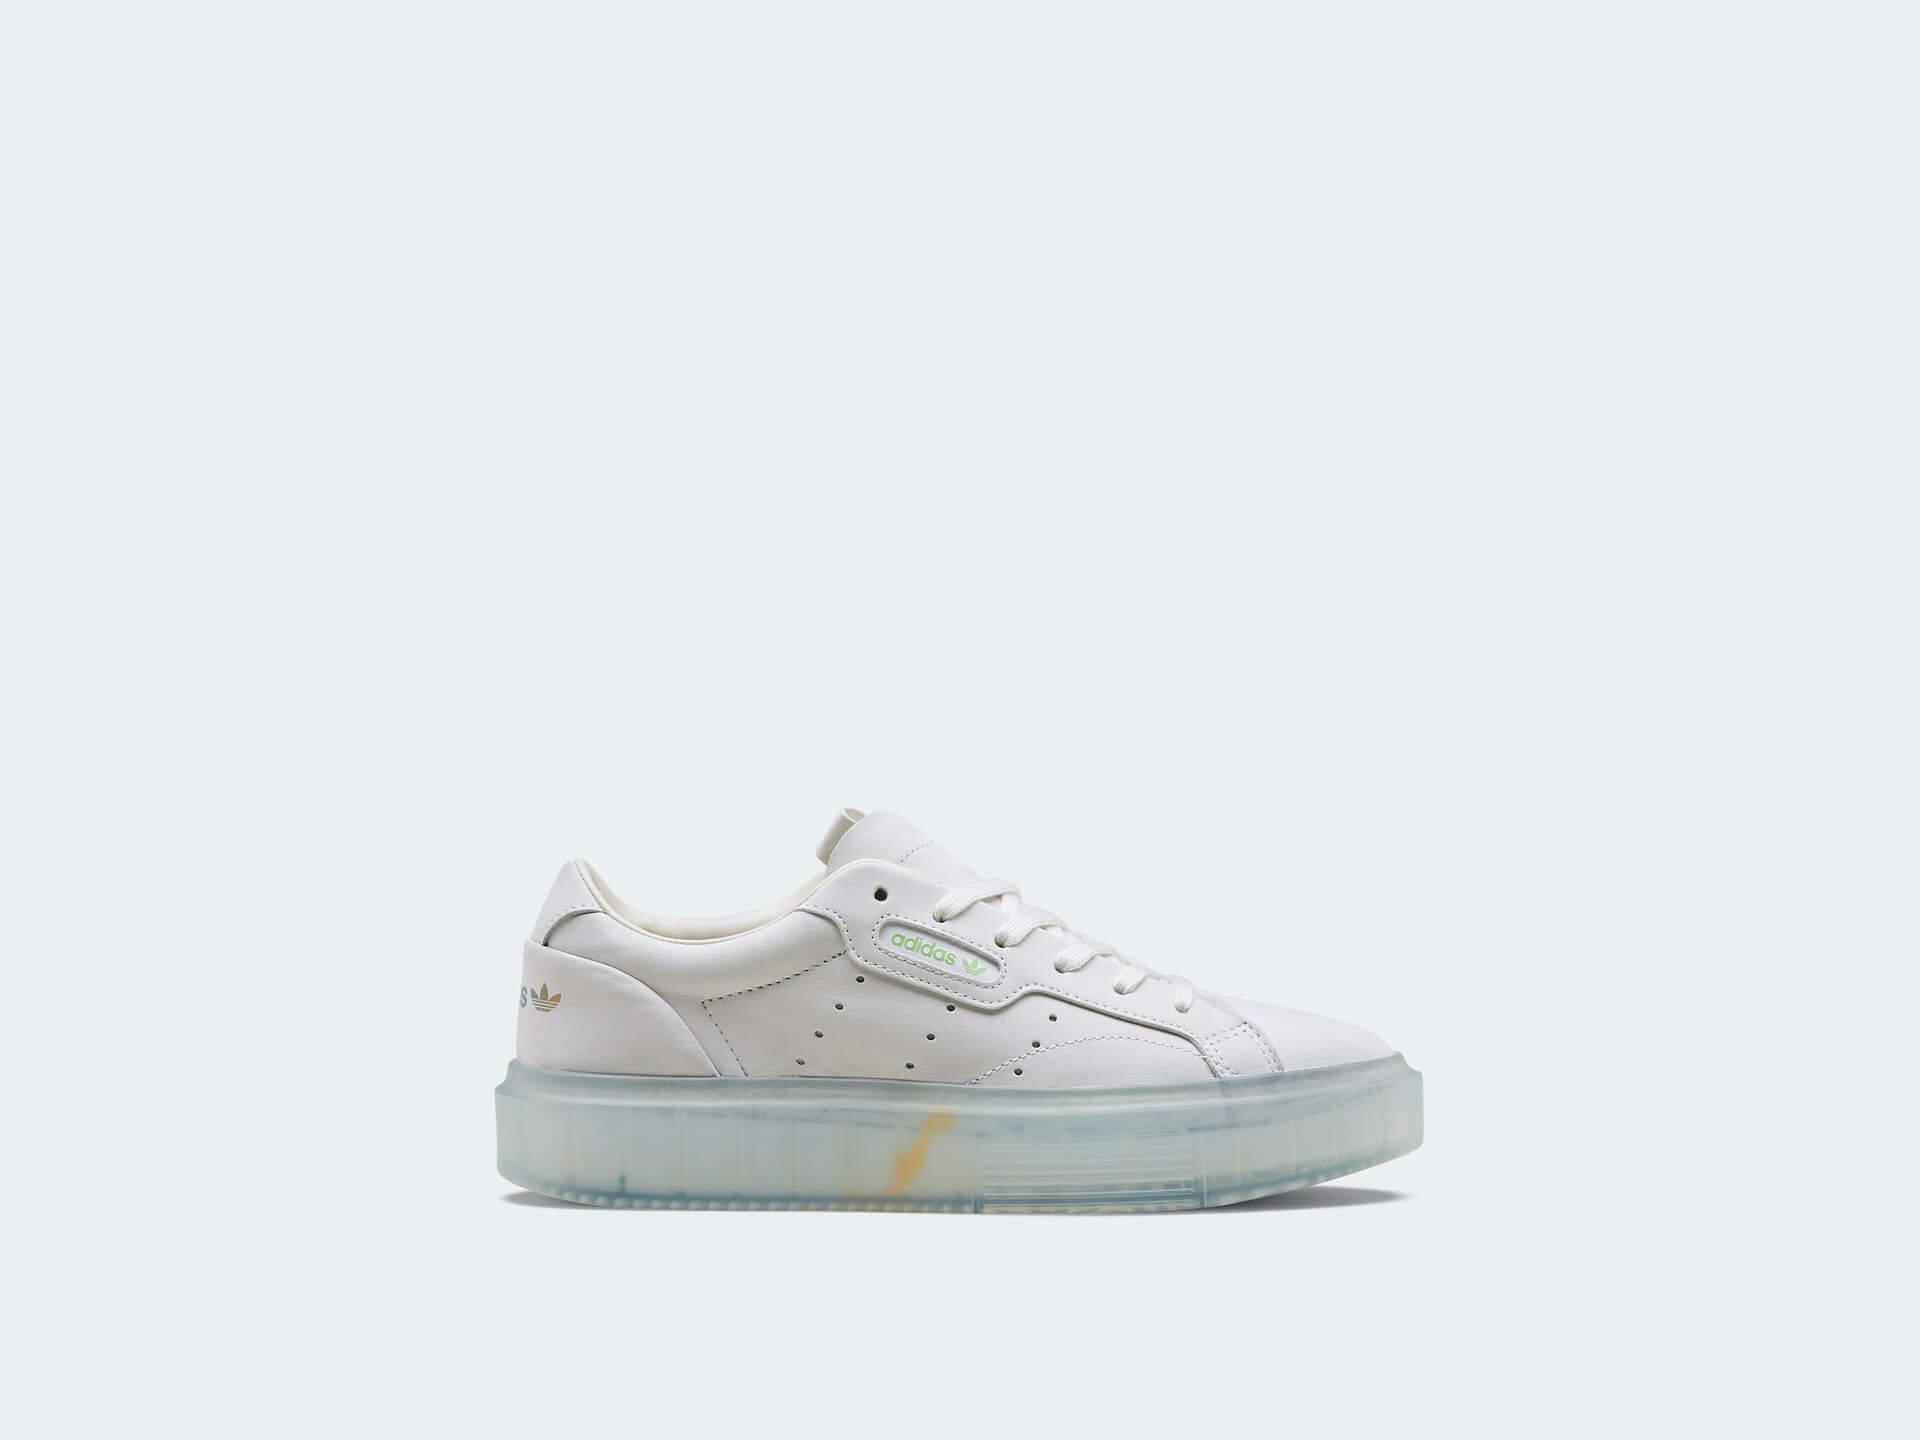 adidas Originals × Angel Chenのカプセルコレクションが登場!水泳や書道からインスパイアされたフットウェア4型 lf200529_adidas_angelchen_07